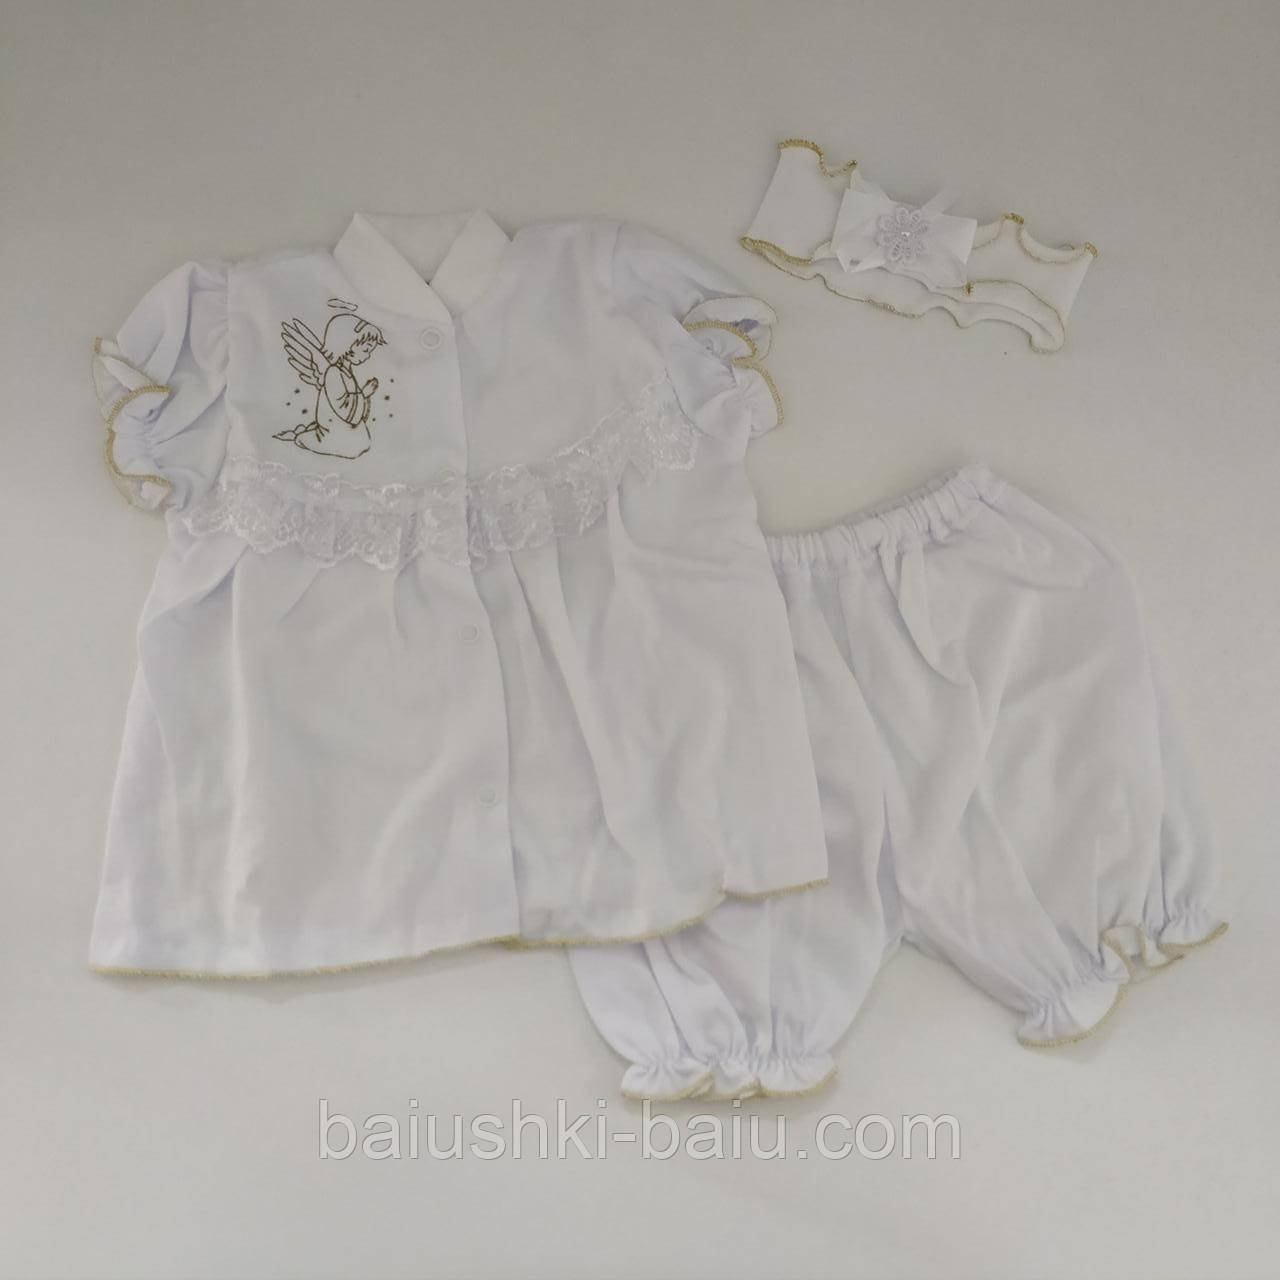 Крестильный комплект одежды для девочки, рост 68-74, белый